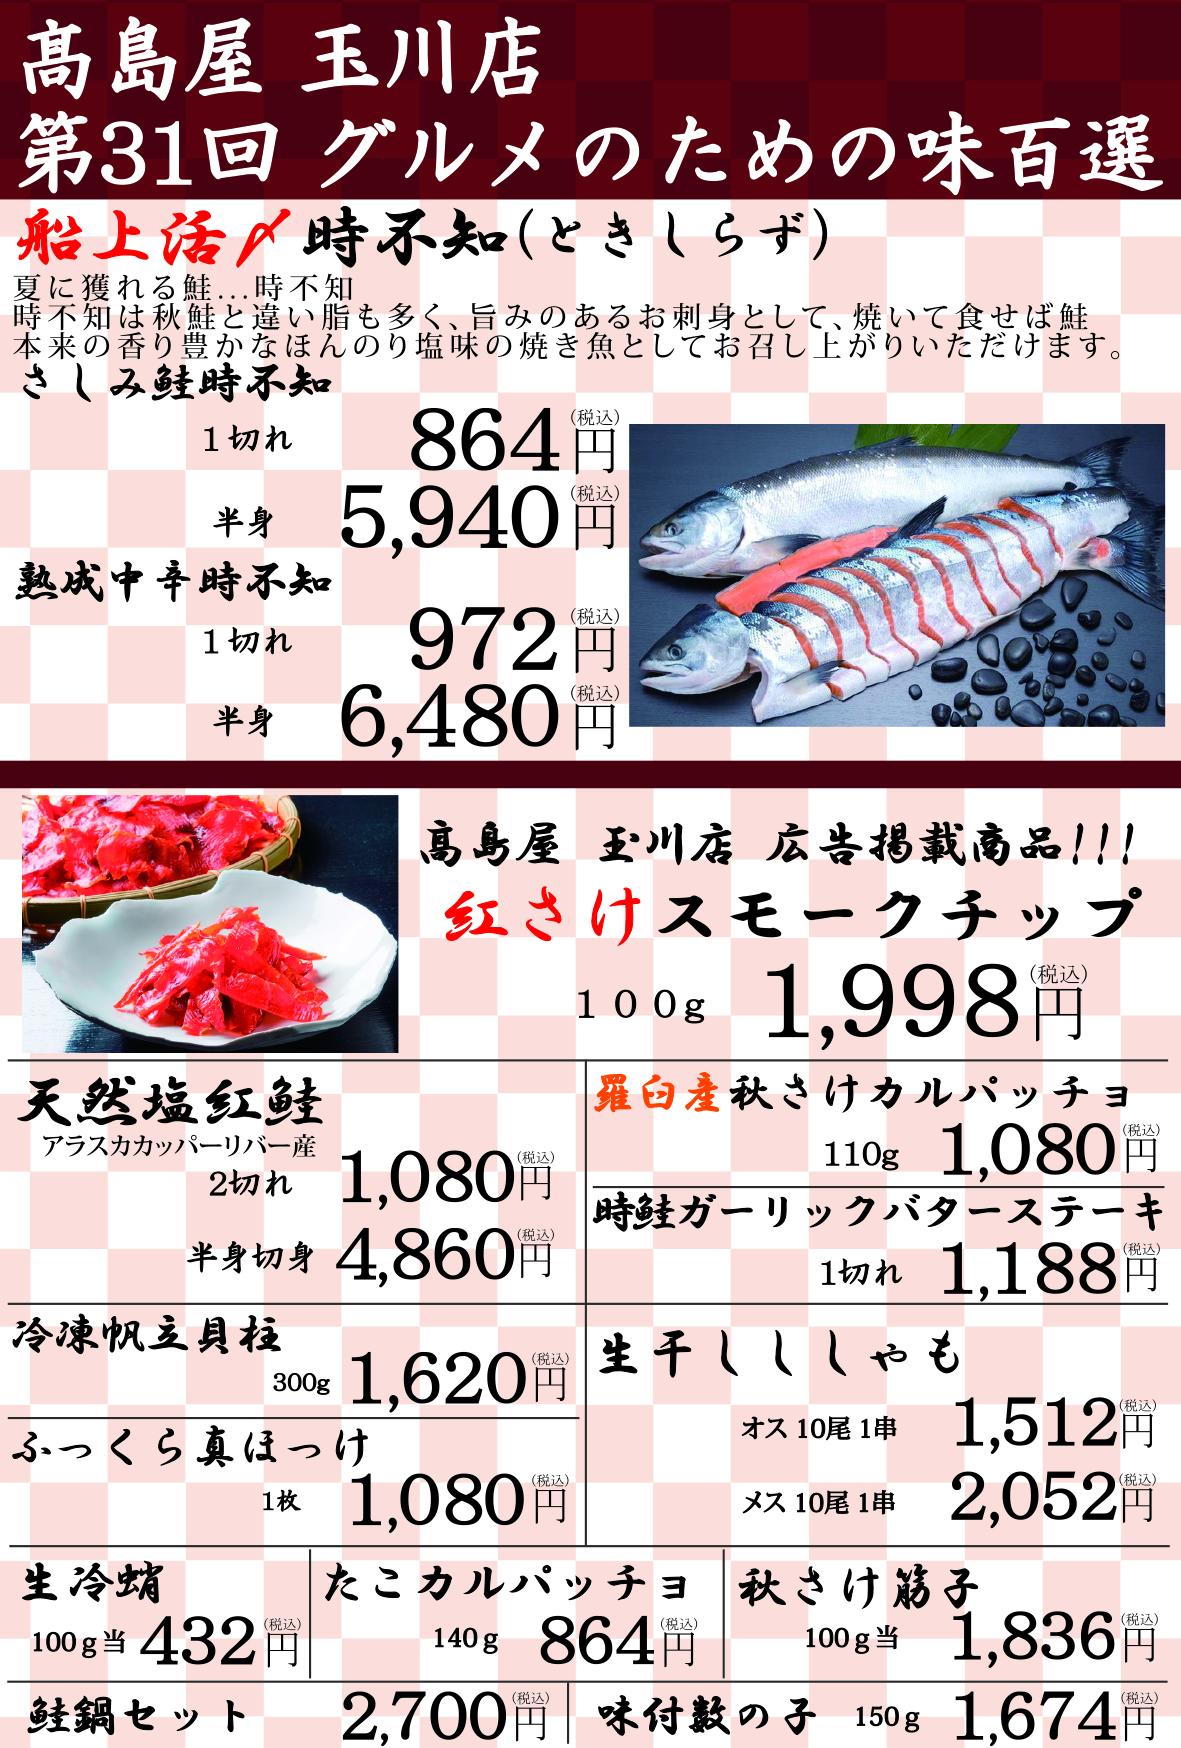 1月24日より玉川髙島屋様にて出店致します。